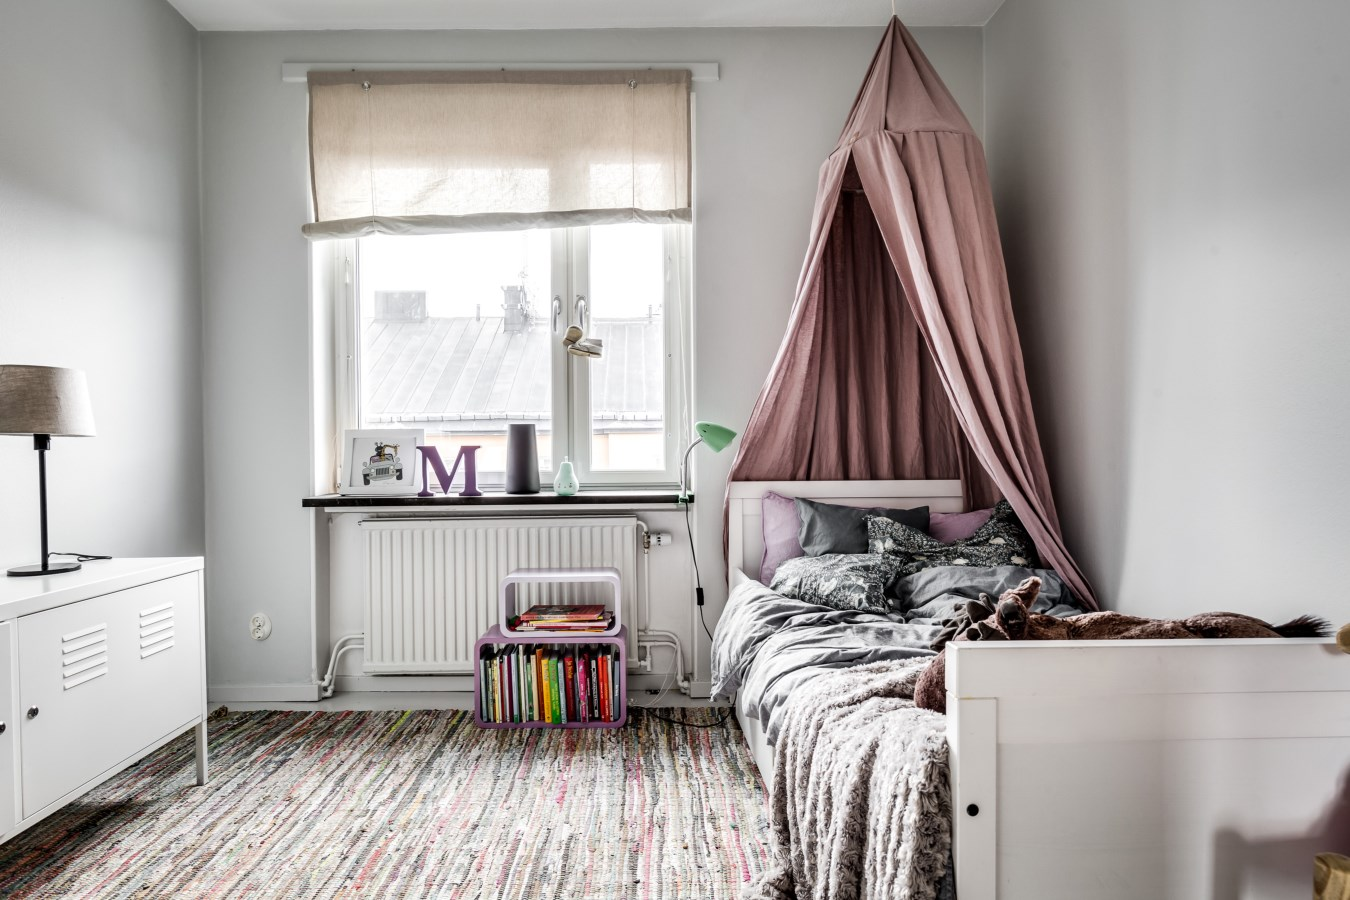 детская спальня кровать полог балдахин окно